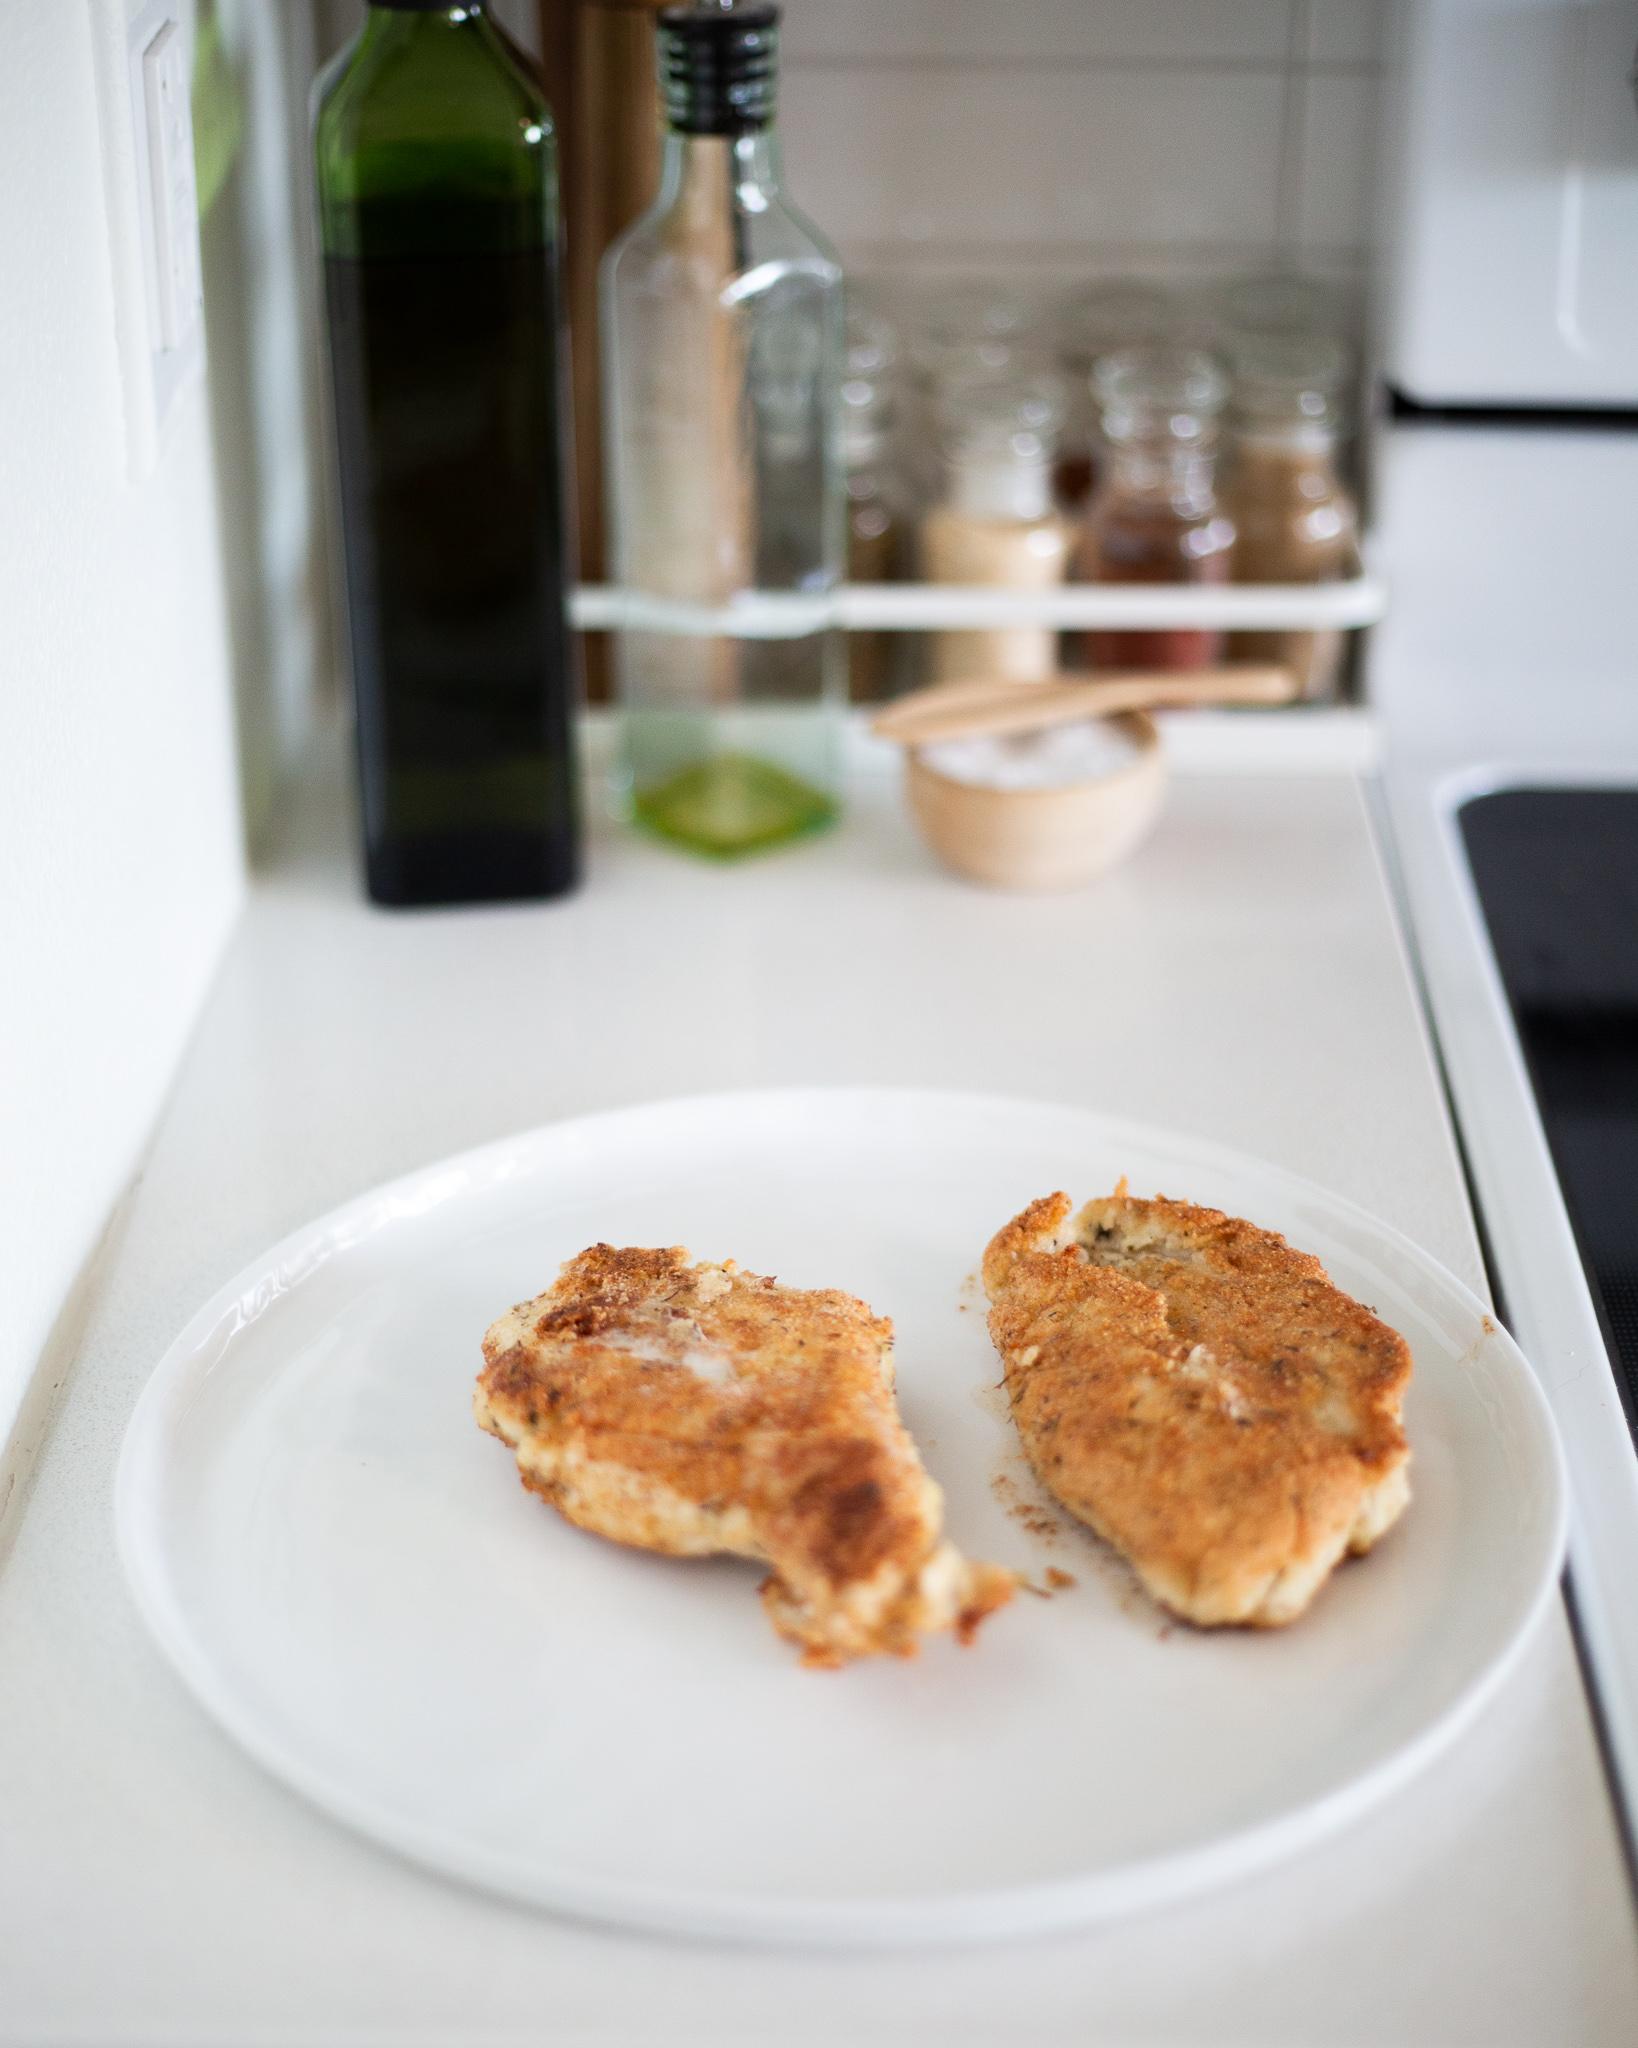 Gluten Free Lemon Almond Chicken